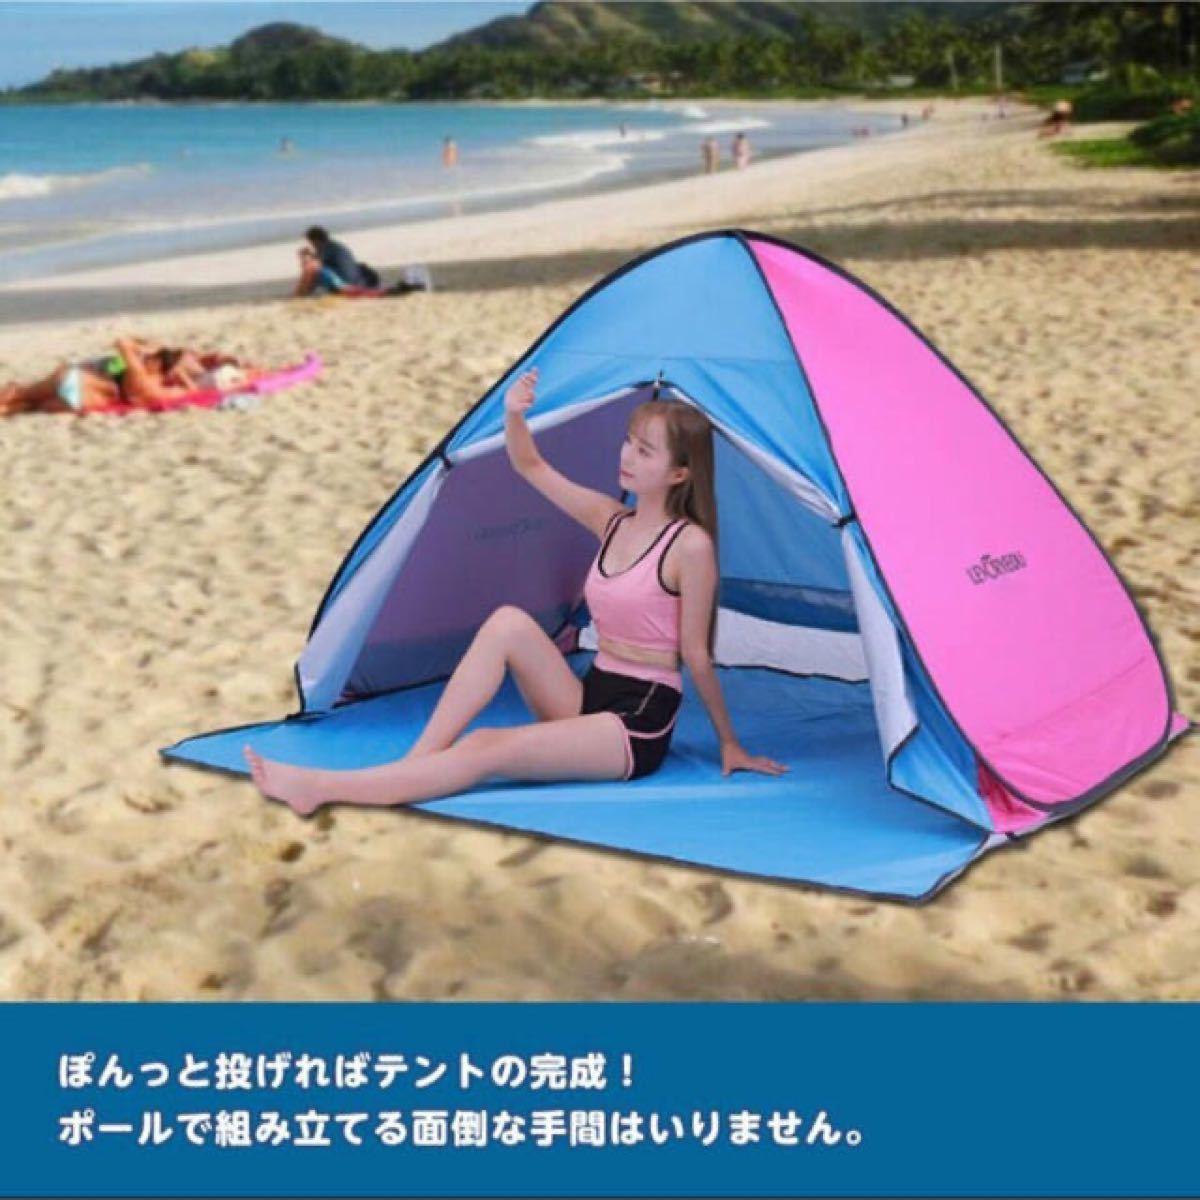 ワンタッチテント ポップアップ ビーチテント SPF UVカット 日除け 2人用 サンシェードテント テント